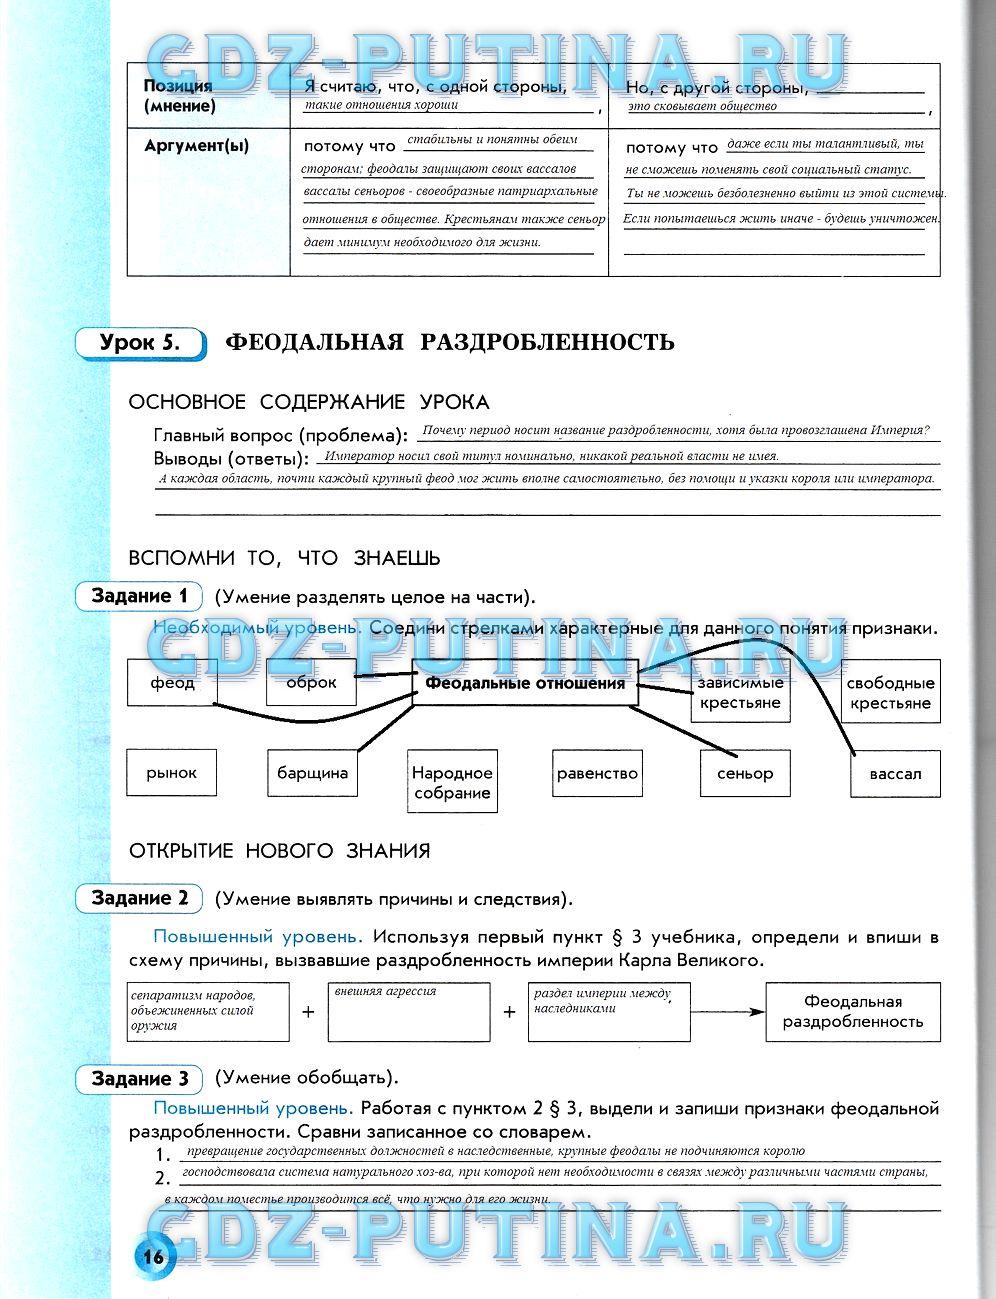 Гдз по истории россии для 6 класса рабочая тетрадь данилов косулина